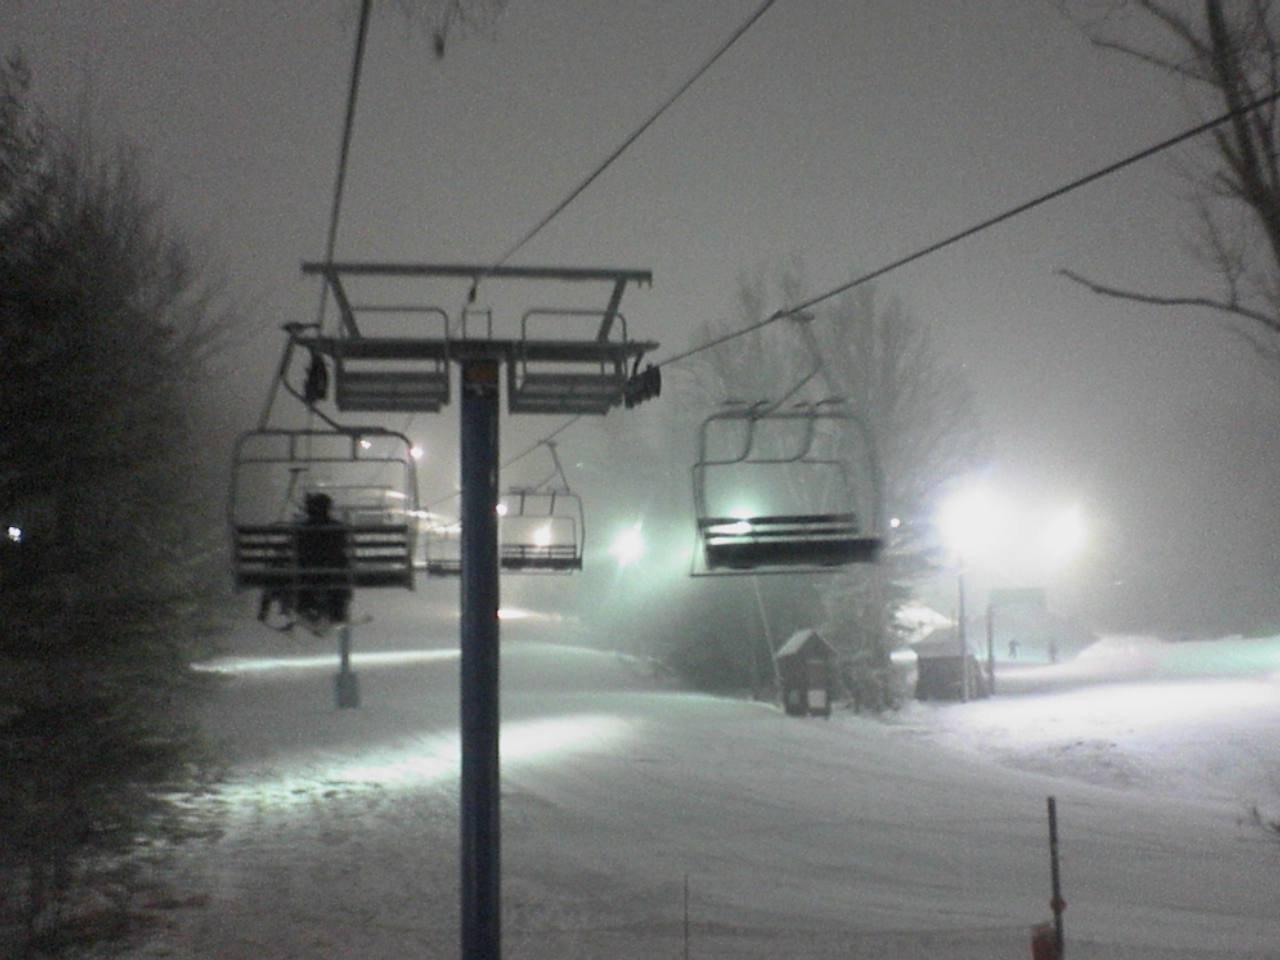 Yeahhh snowin at my mountain